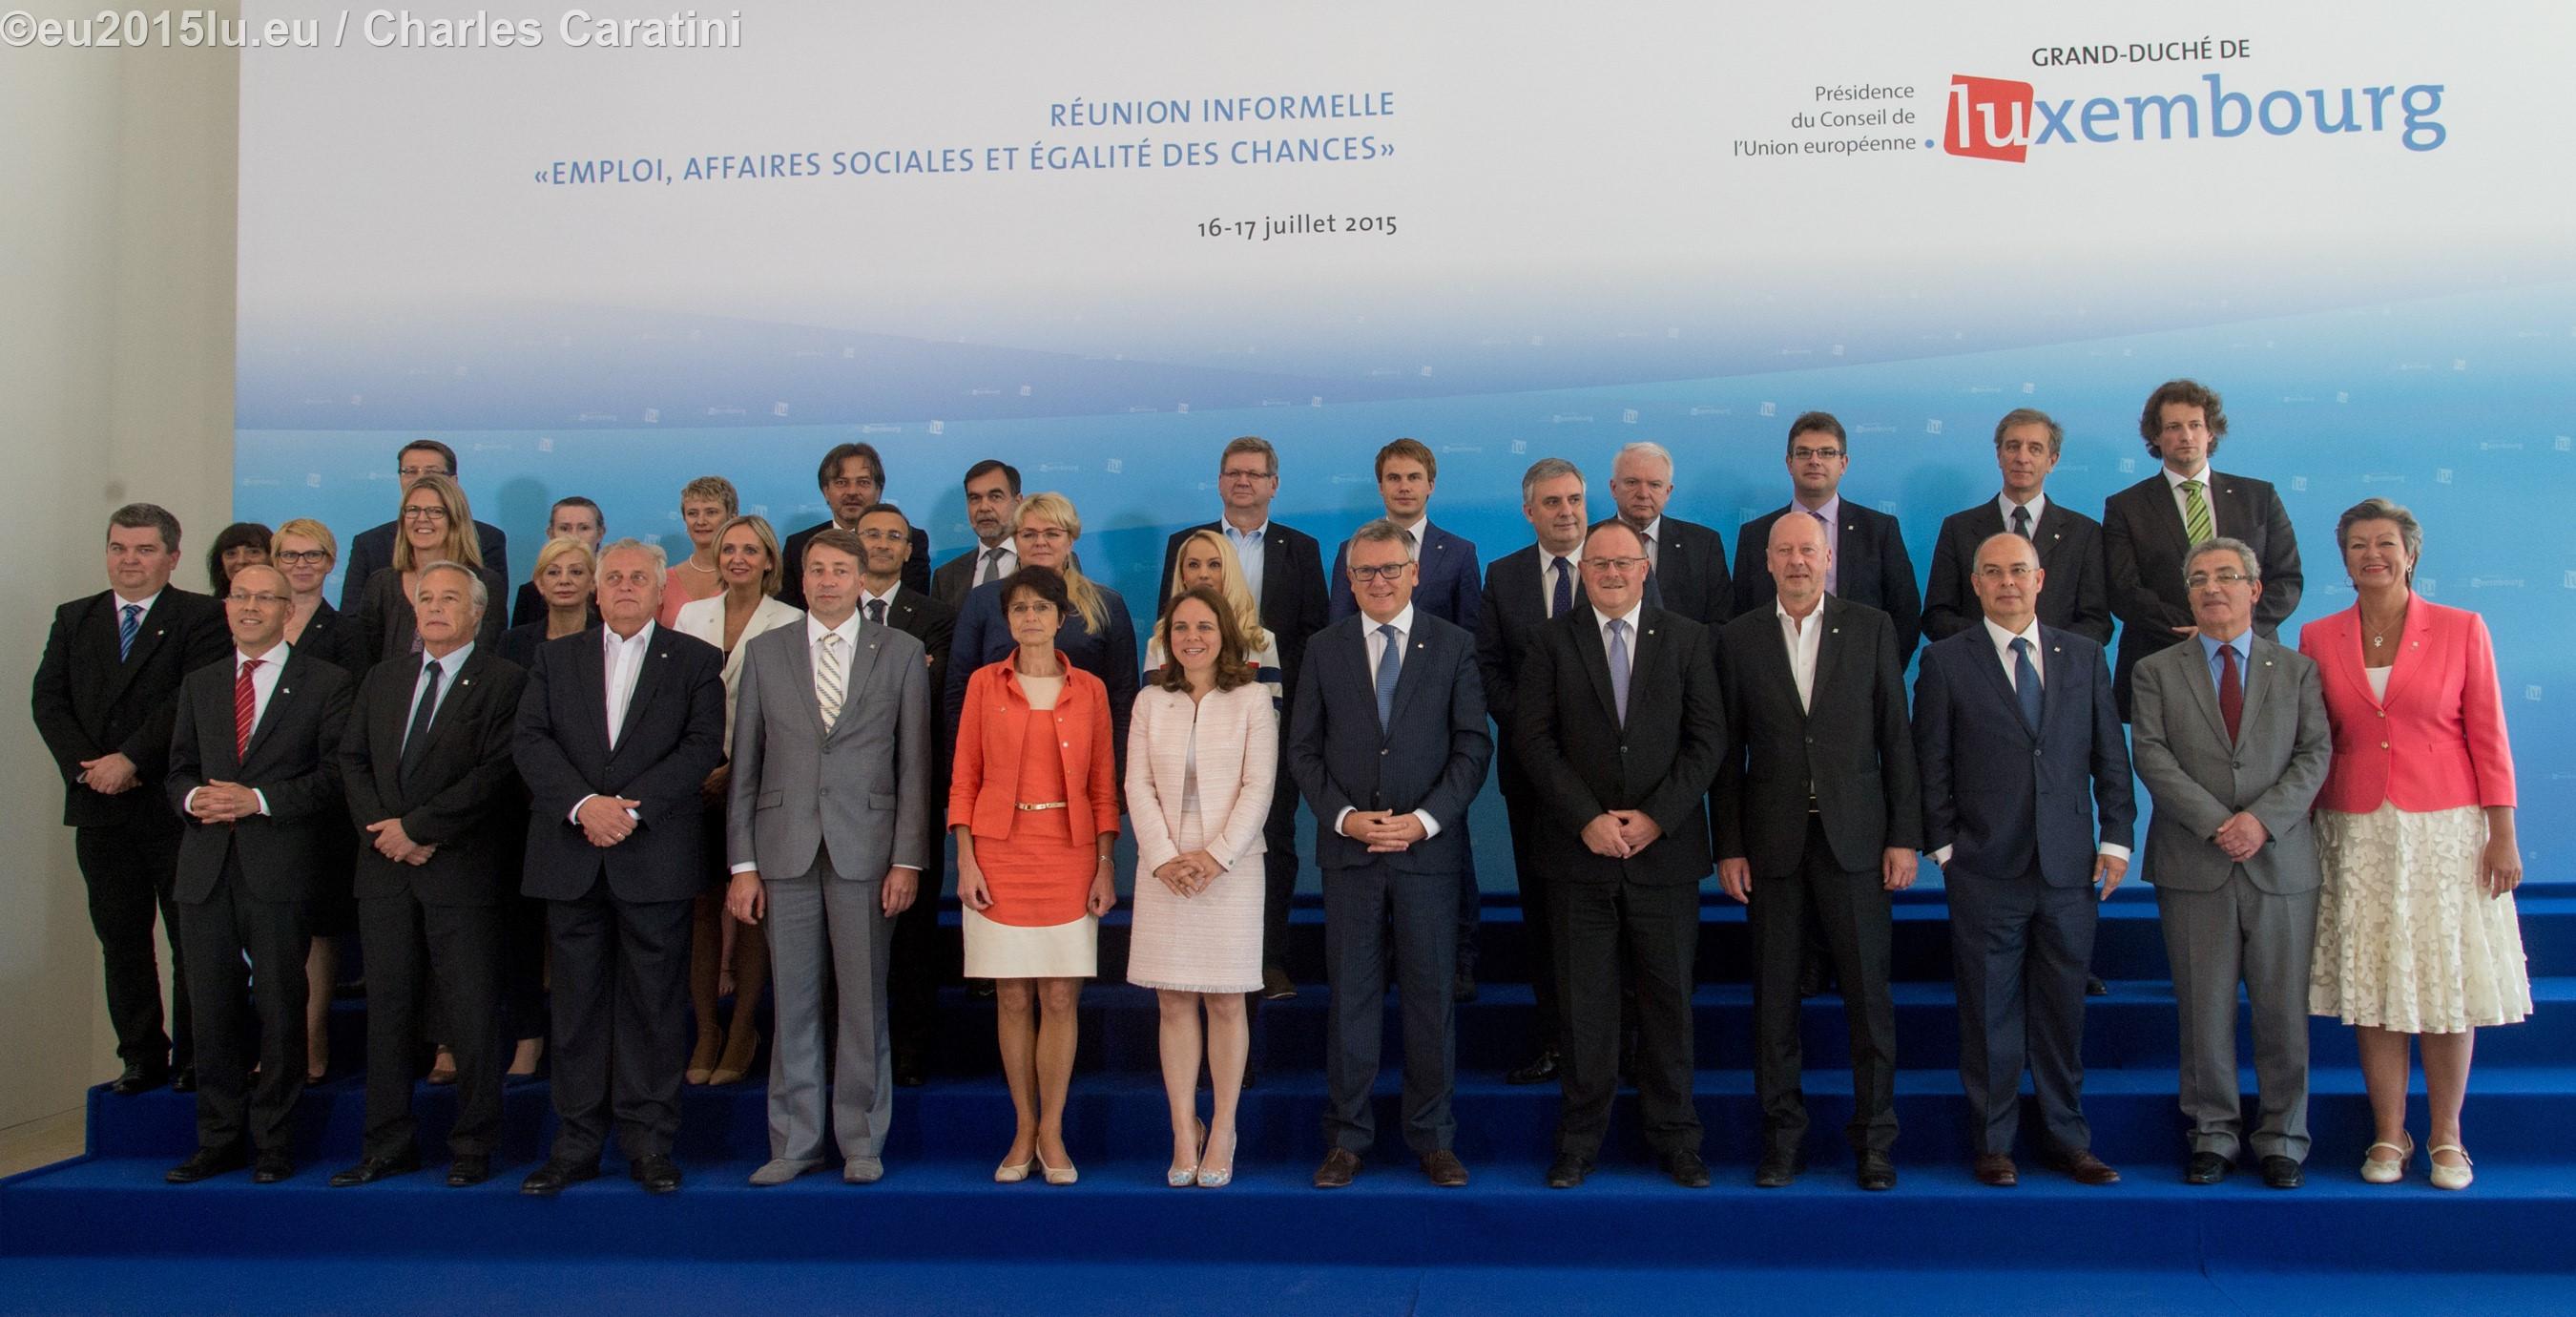 Re?union informelle des ministres de l'Emploi, des Affaires sociales et de l'E?galite? des chances (16-17.07.2015), Photo de famille